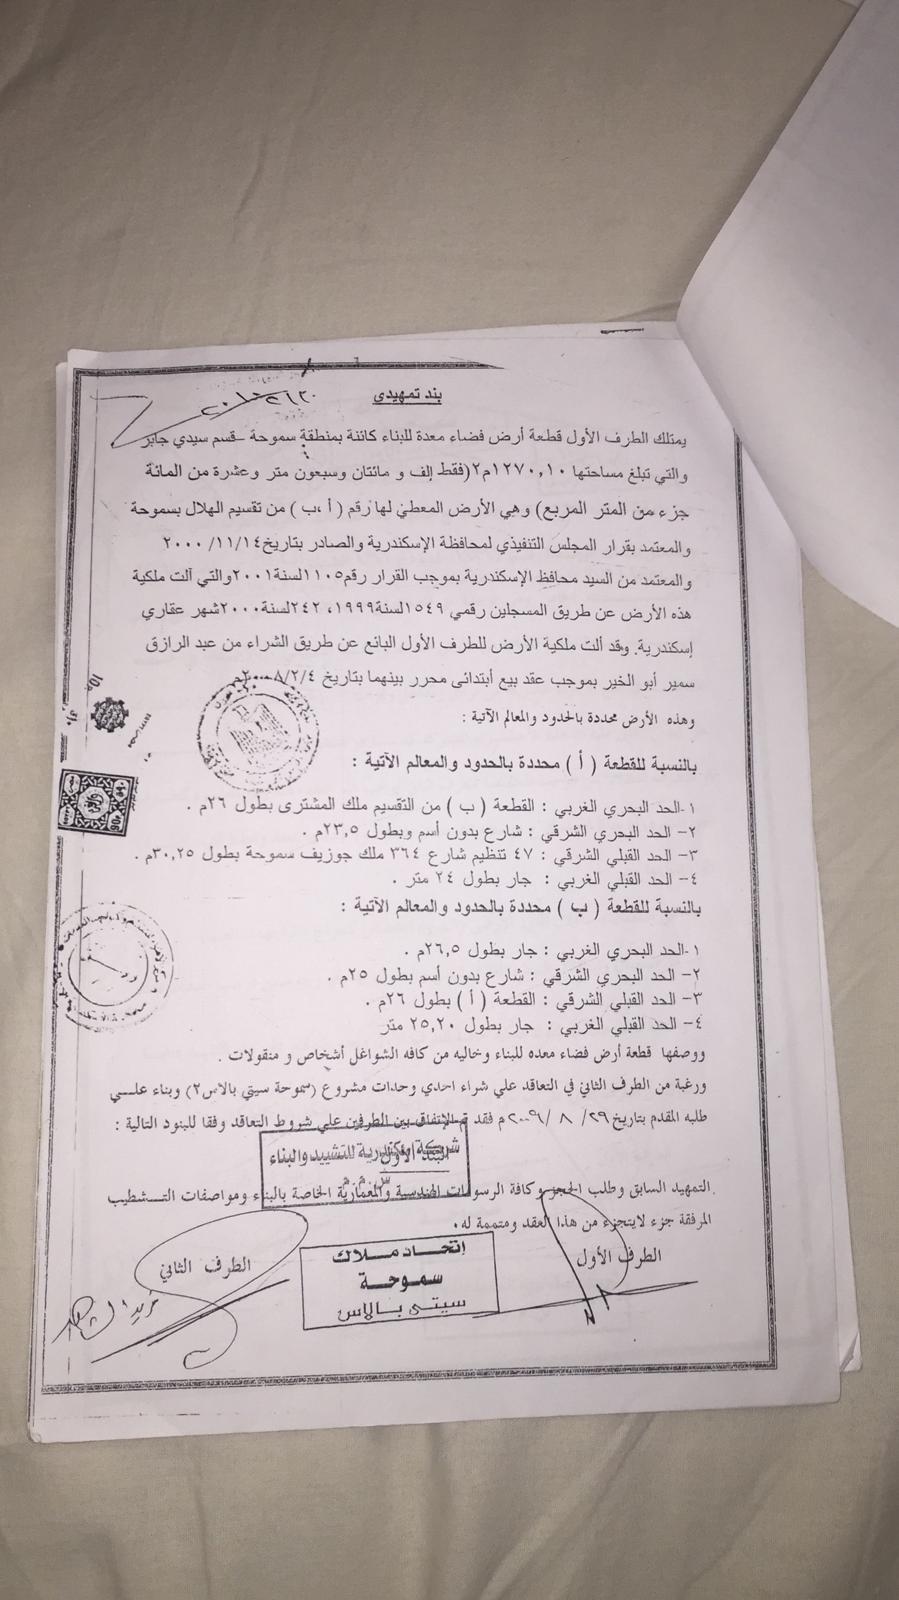 أزمة مشروع سيتي بالاس بالإسكندرية (76)